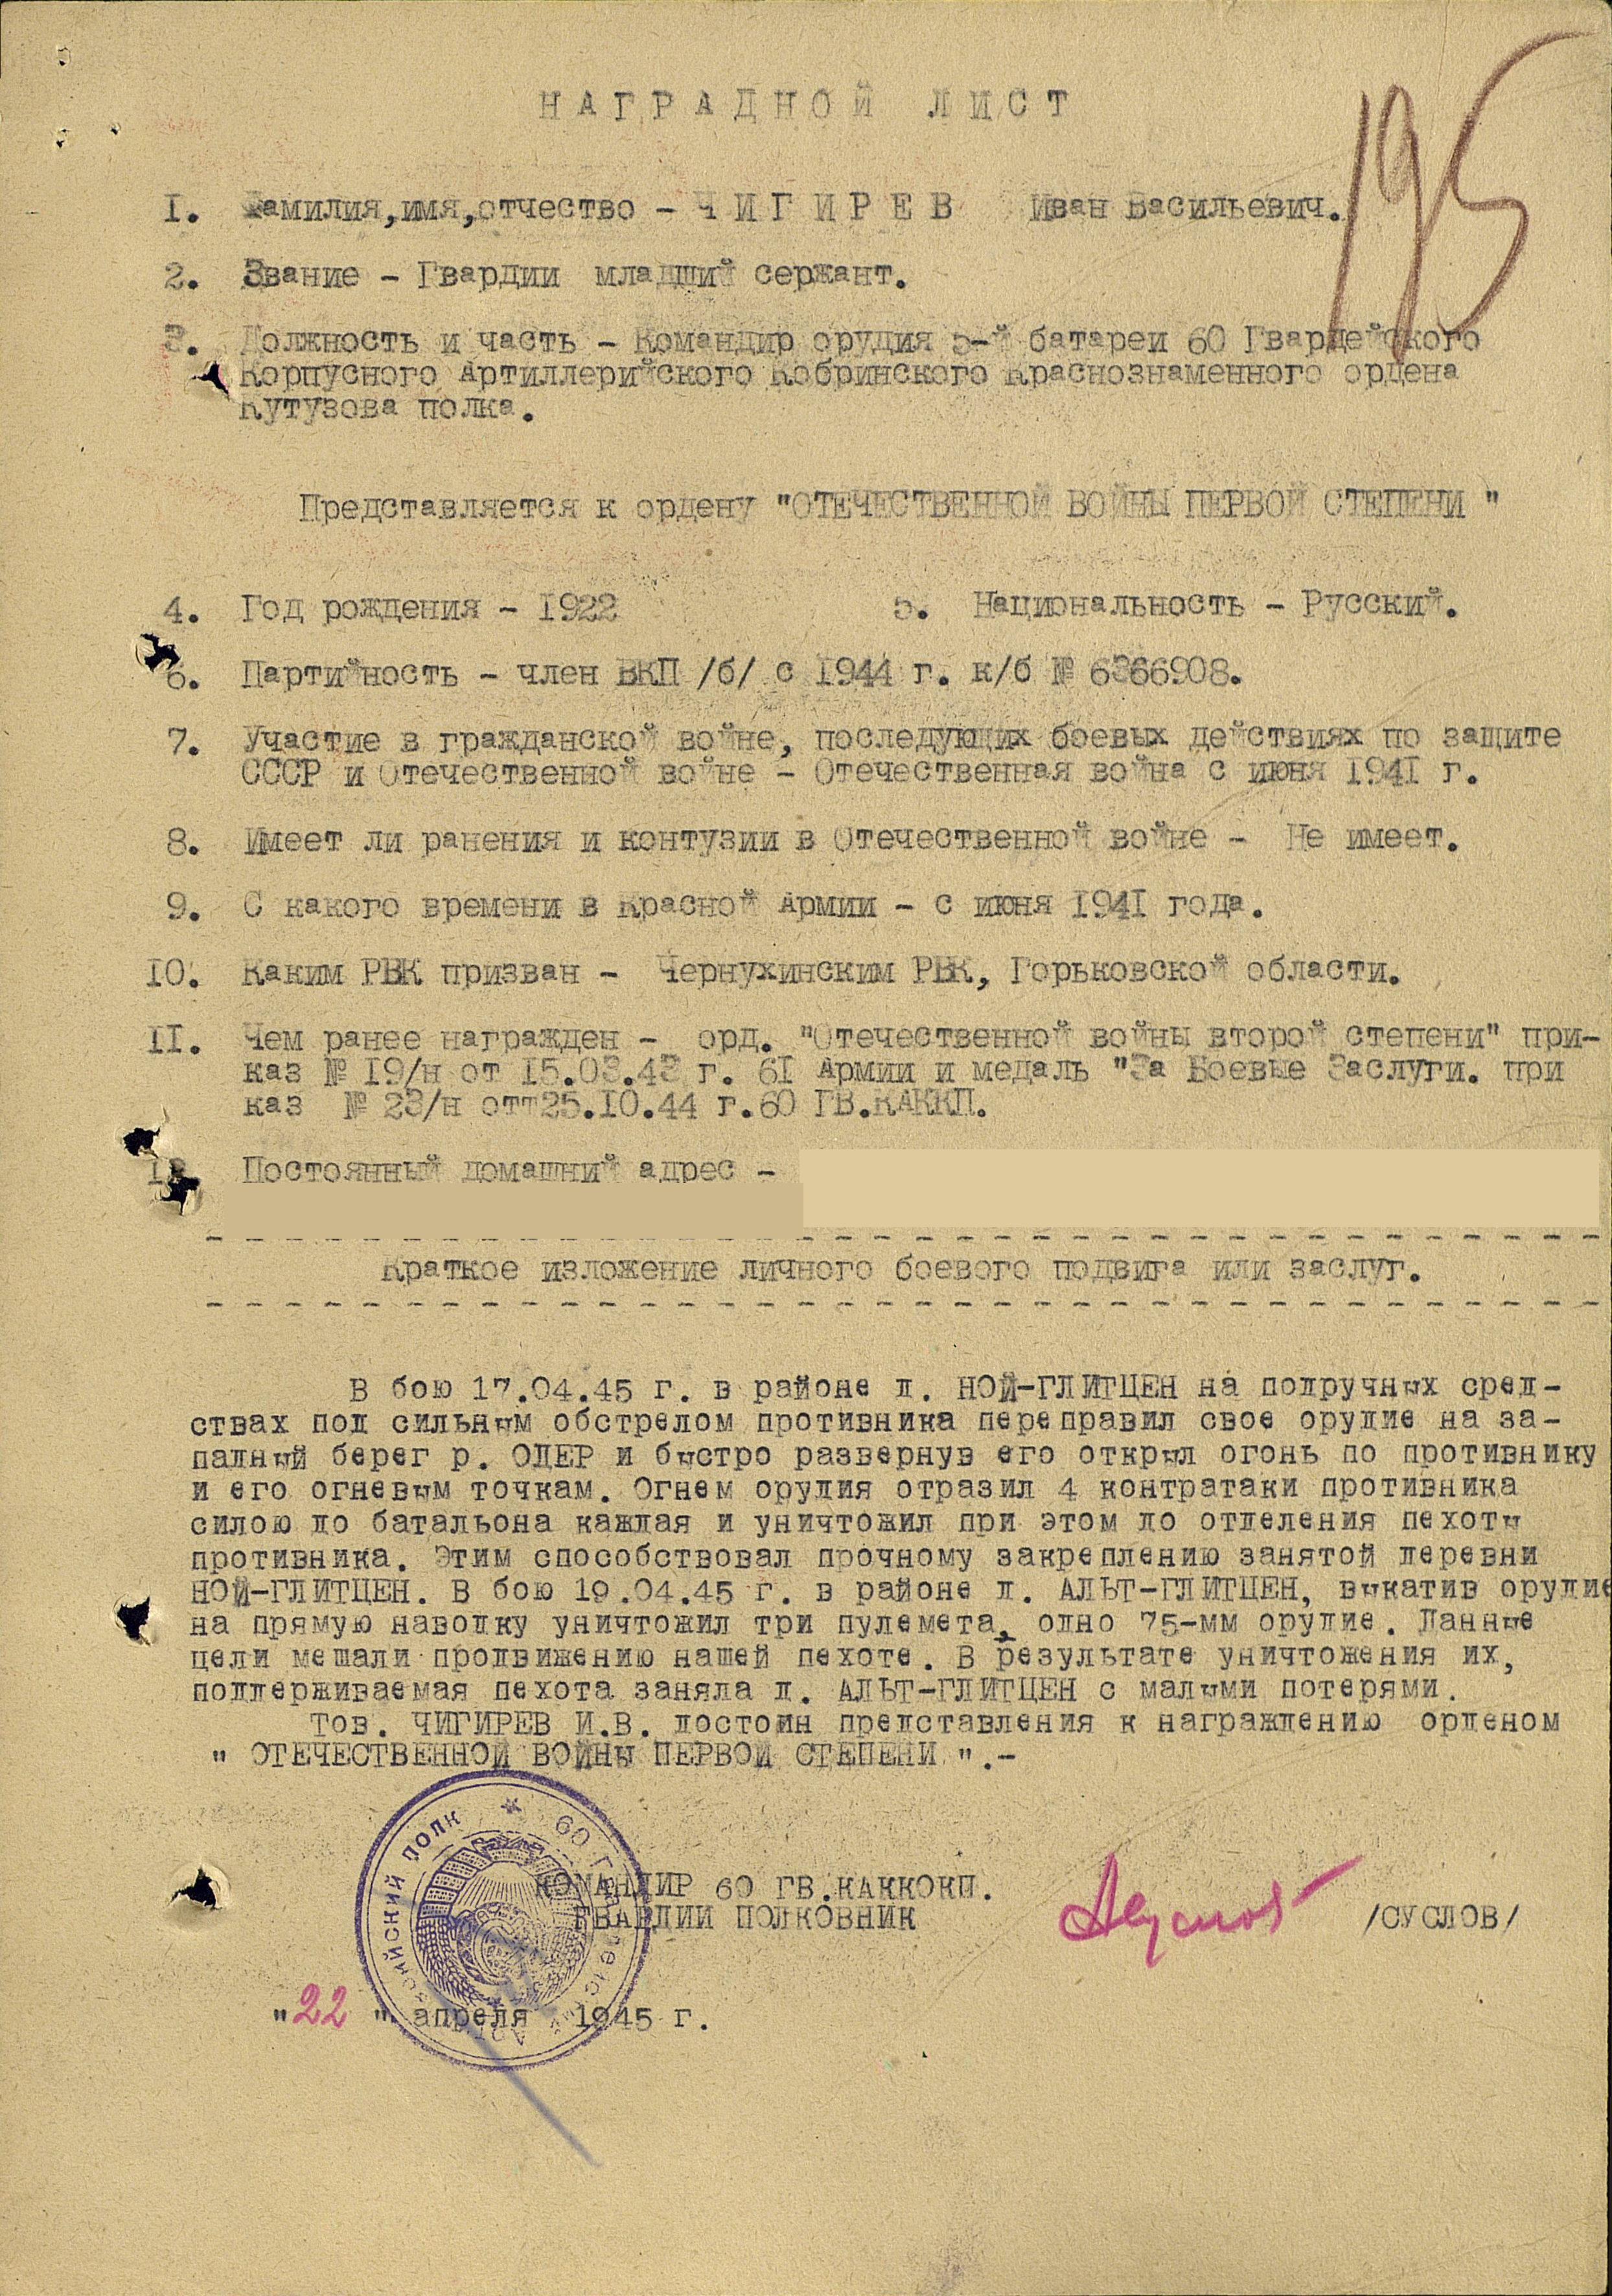 Наградной лист Чигирева Ивана Васильевича о представлении к награждению орденом Отечественной войны I степени